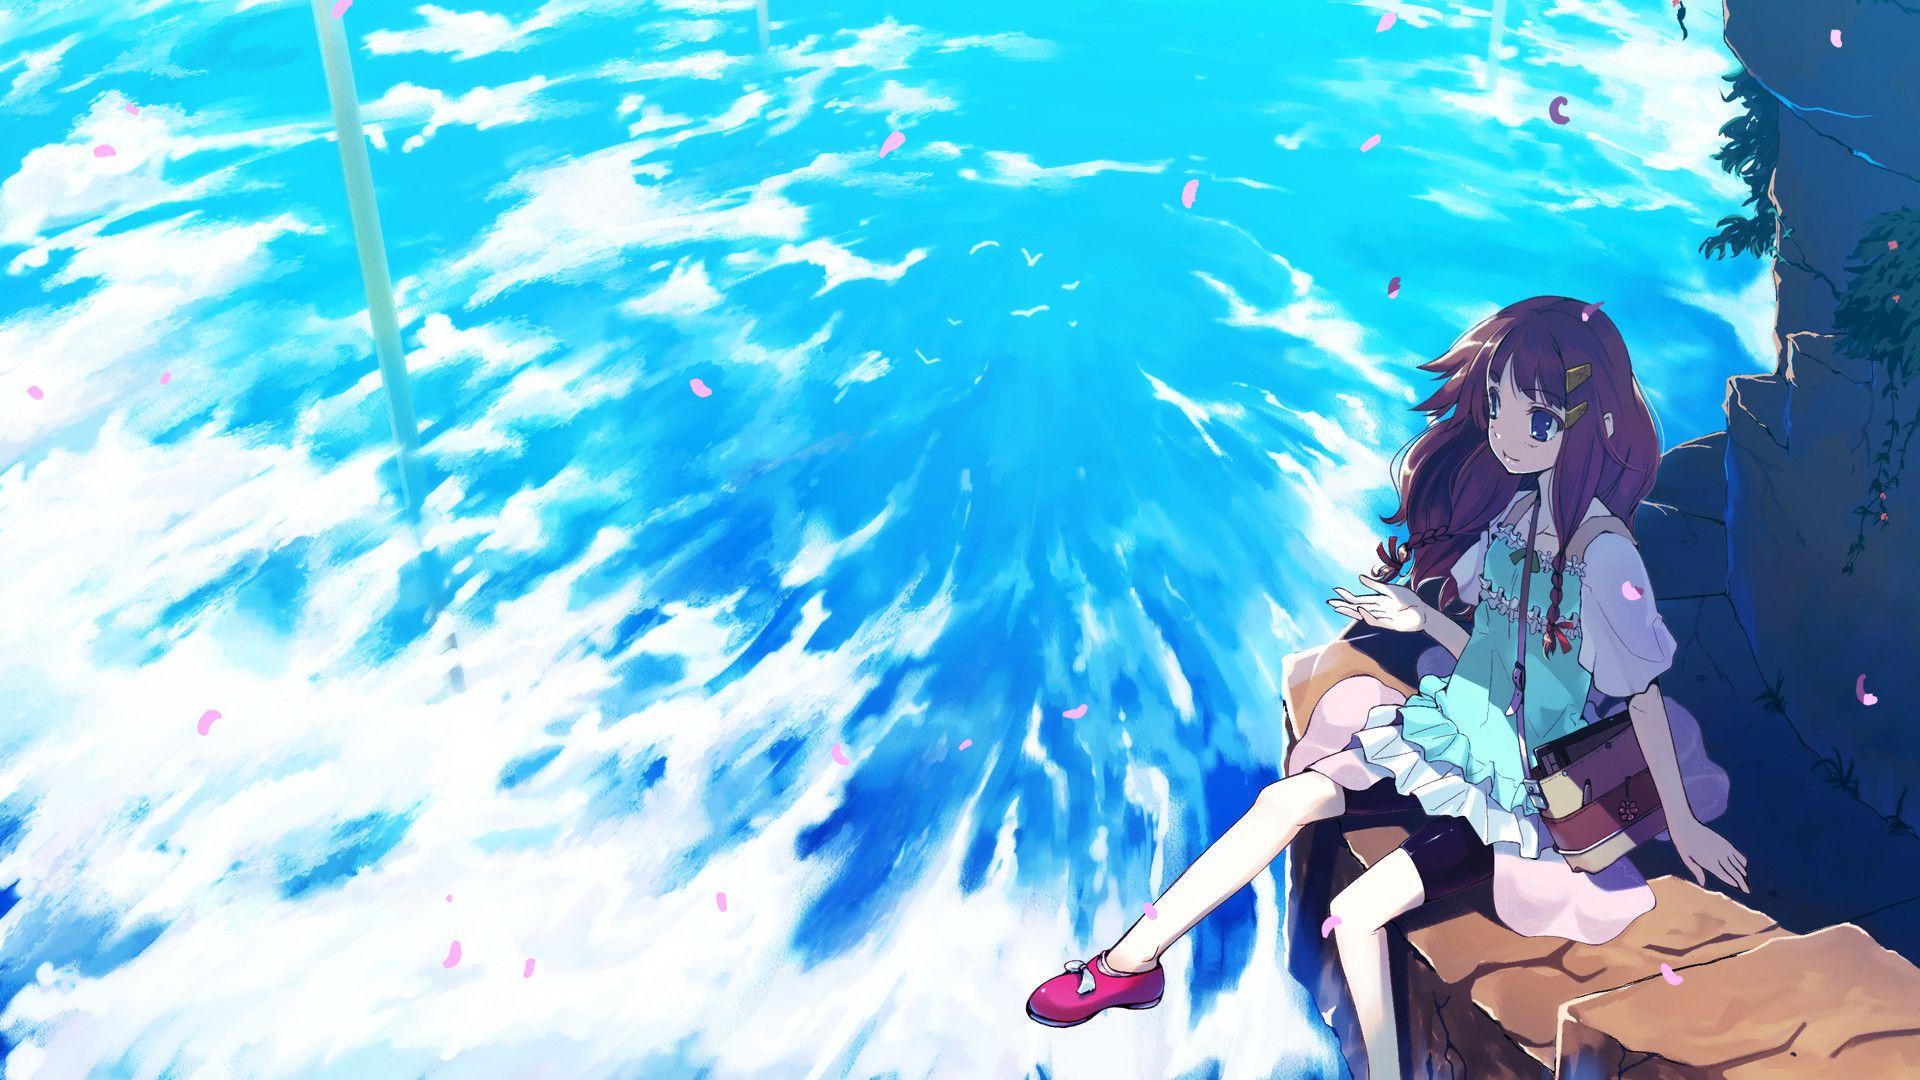 Anime Summer Wallpaper Tim Với Google Anime Scenery Anime Scenery Wallpaper Anime Wallpaper 1920x1080 Anime summer wallpaper hd